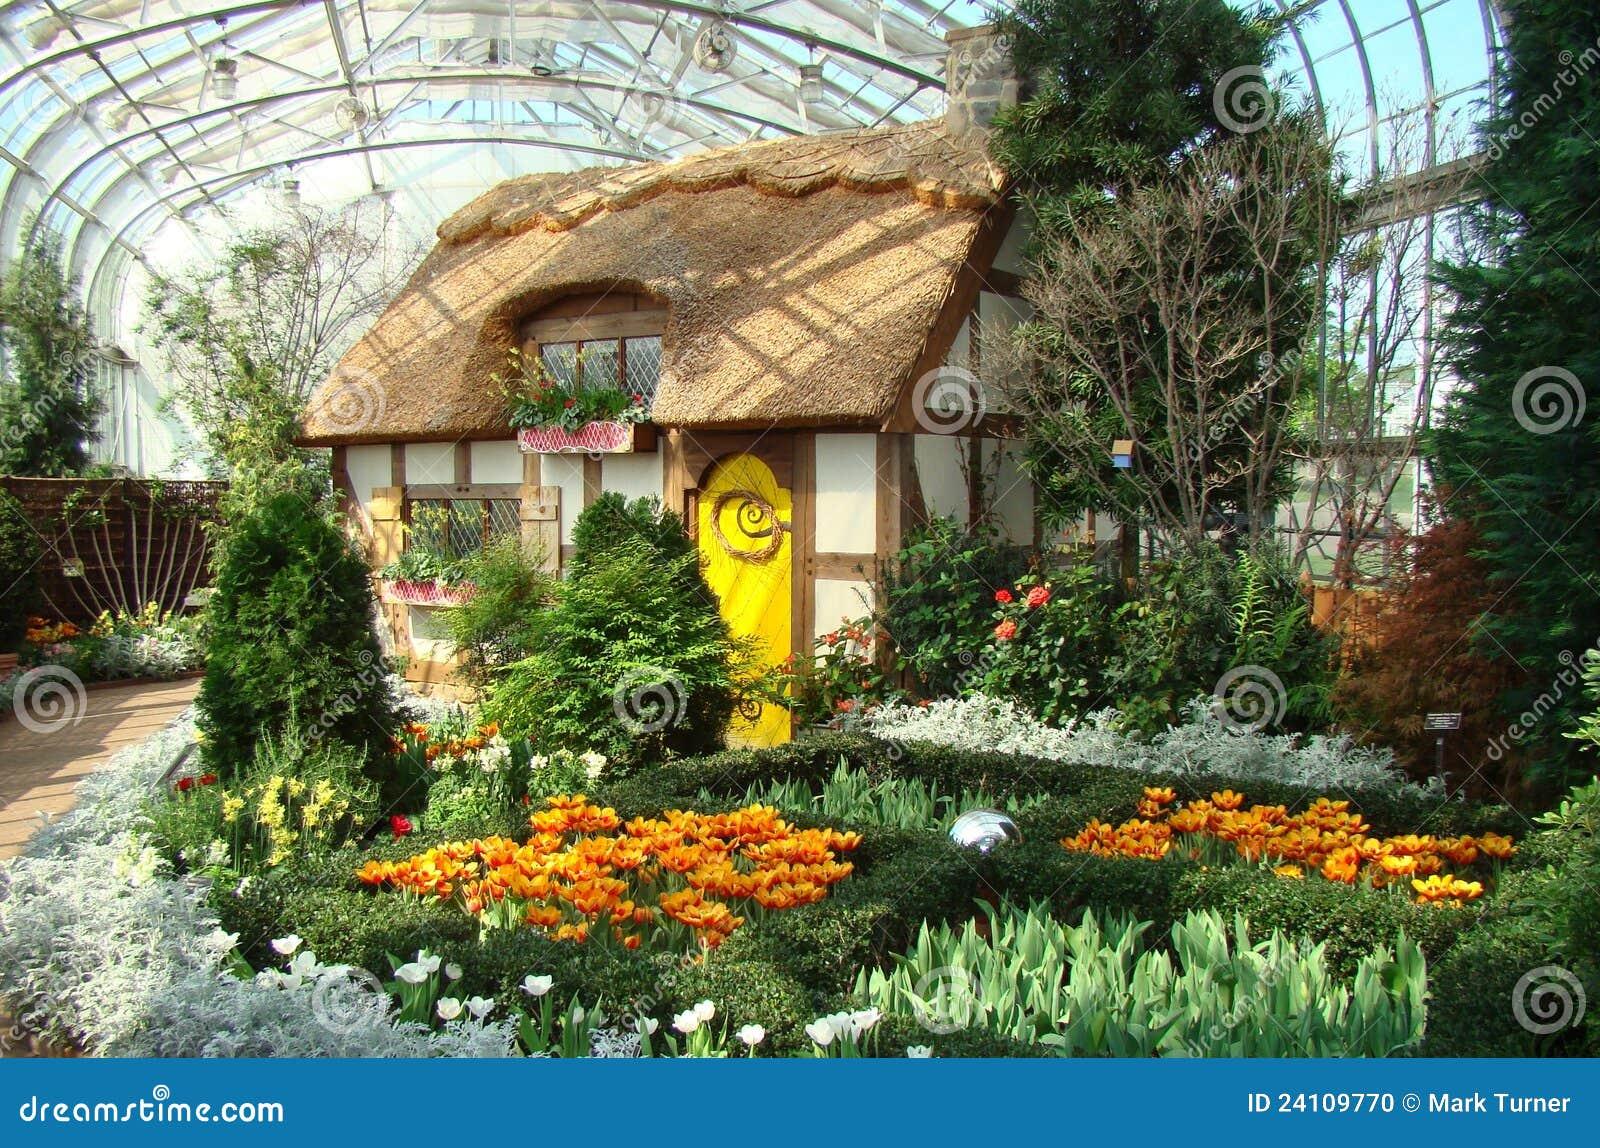 Lewis Ginter Botanical Garden Editorial Image Image 24109770